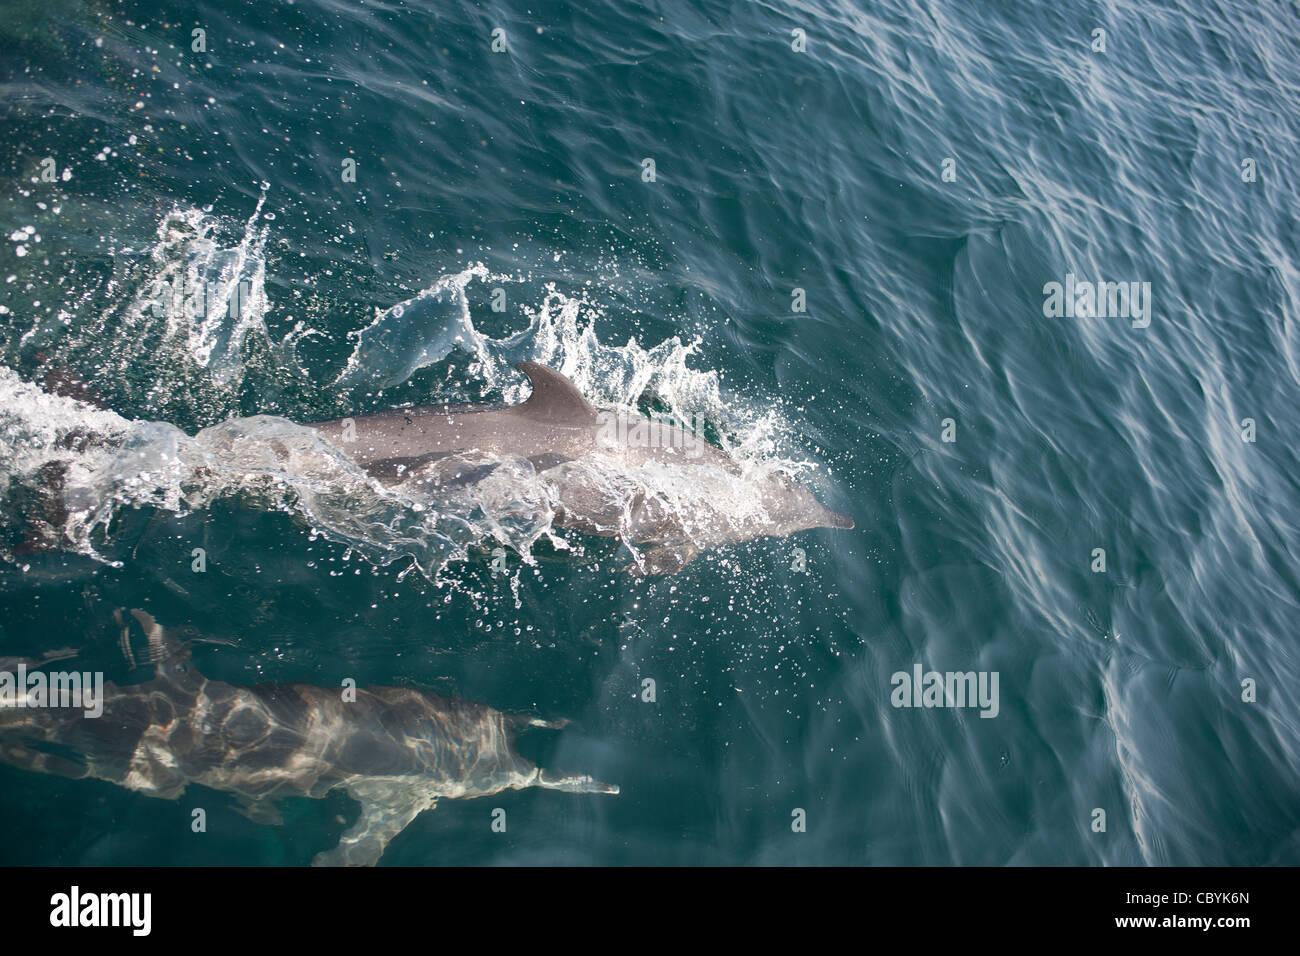 Pantropical spotted dolphin, Stenella attenuata, Mexico - Stock Image